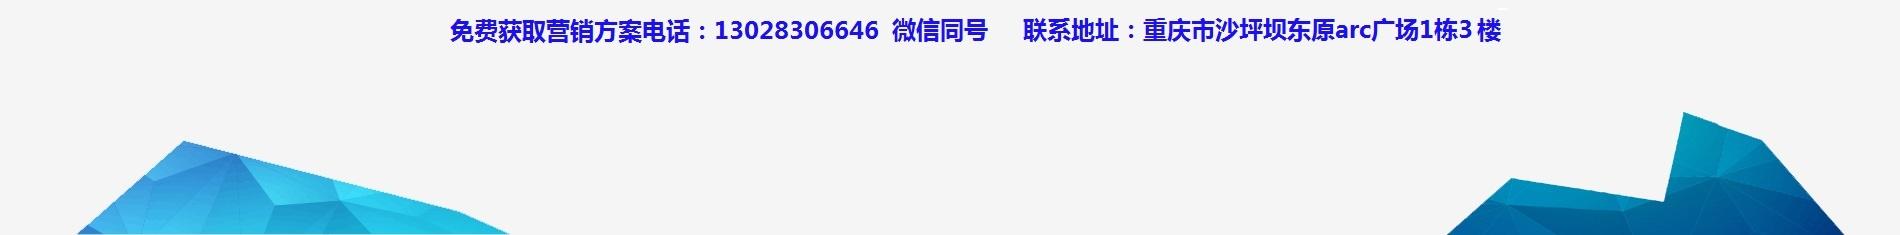 重庆网络推广电话